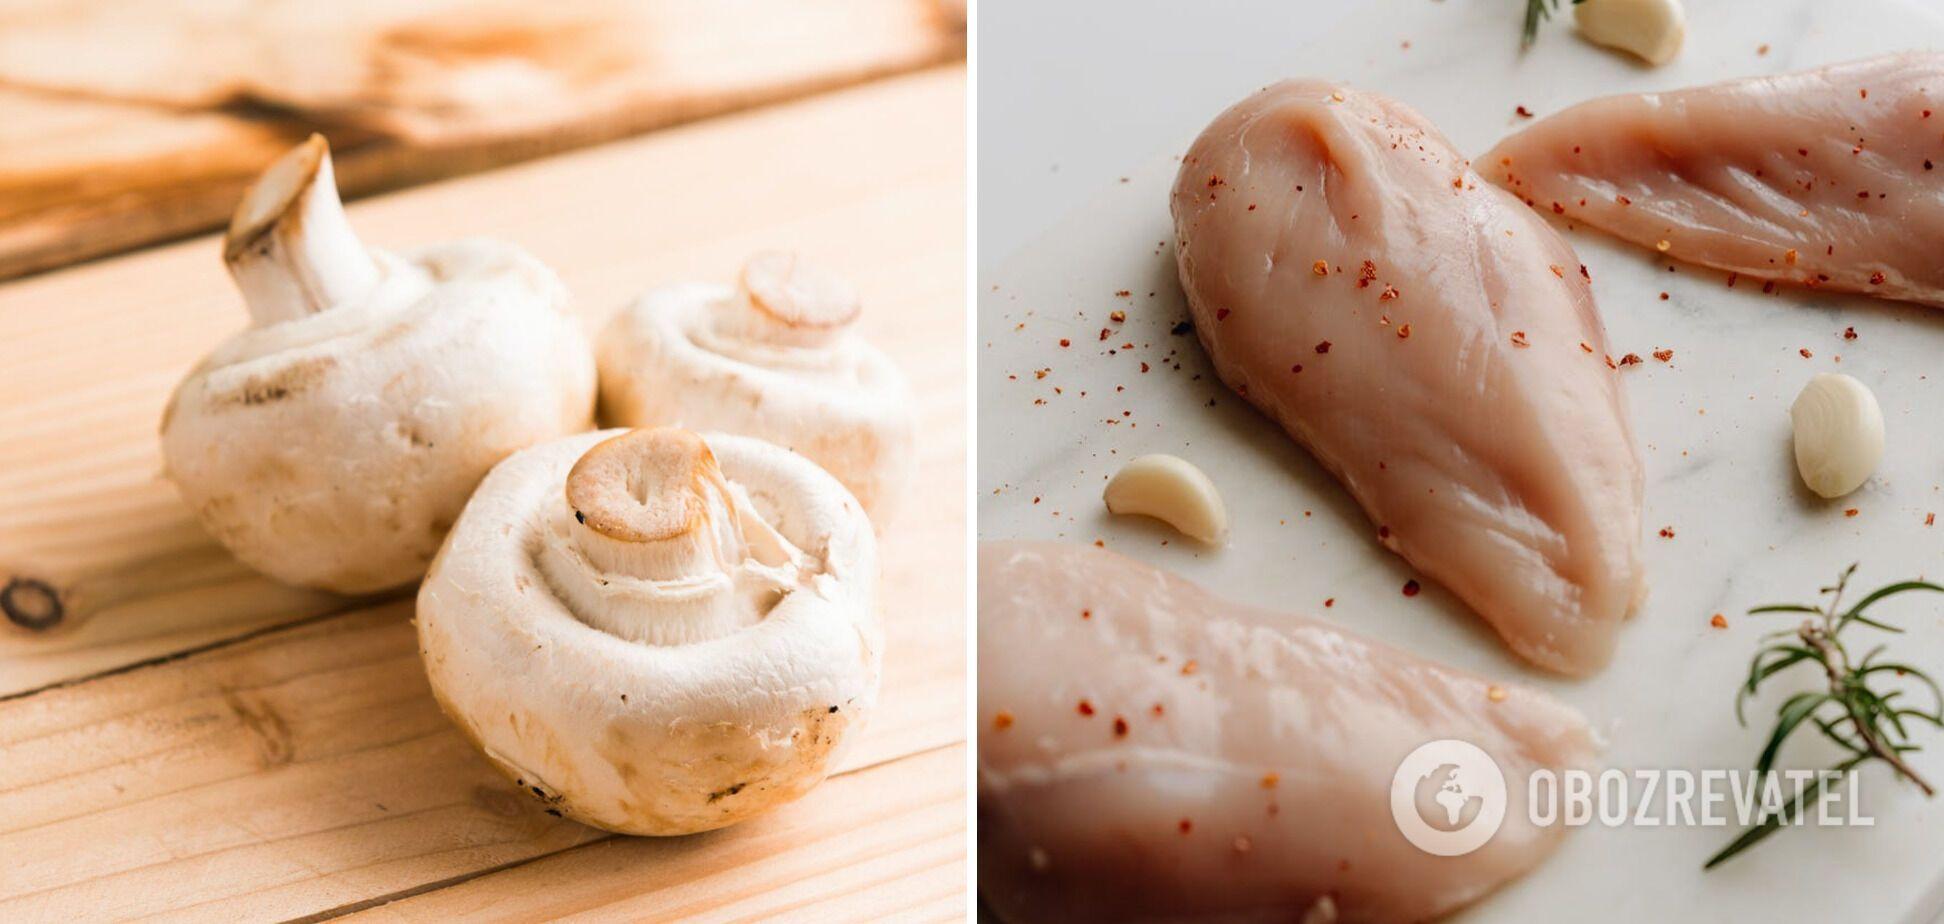 Інгредієнти на вибір для плову – м'ясо та гриби